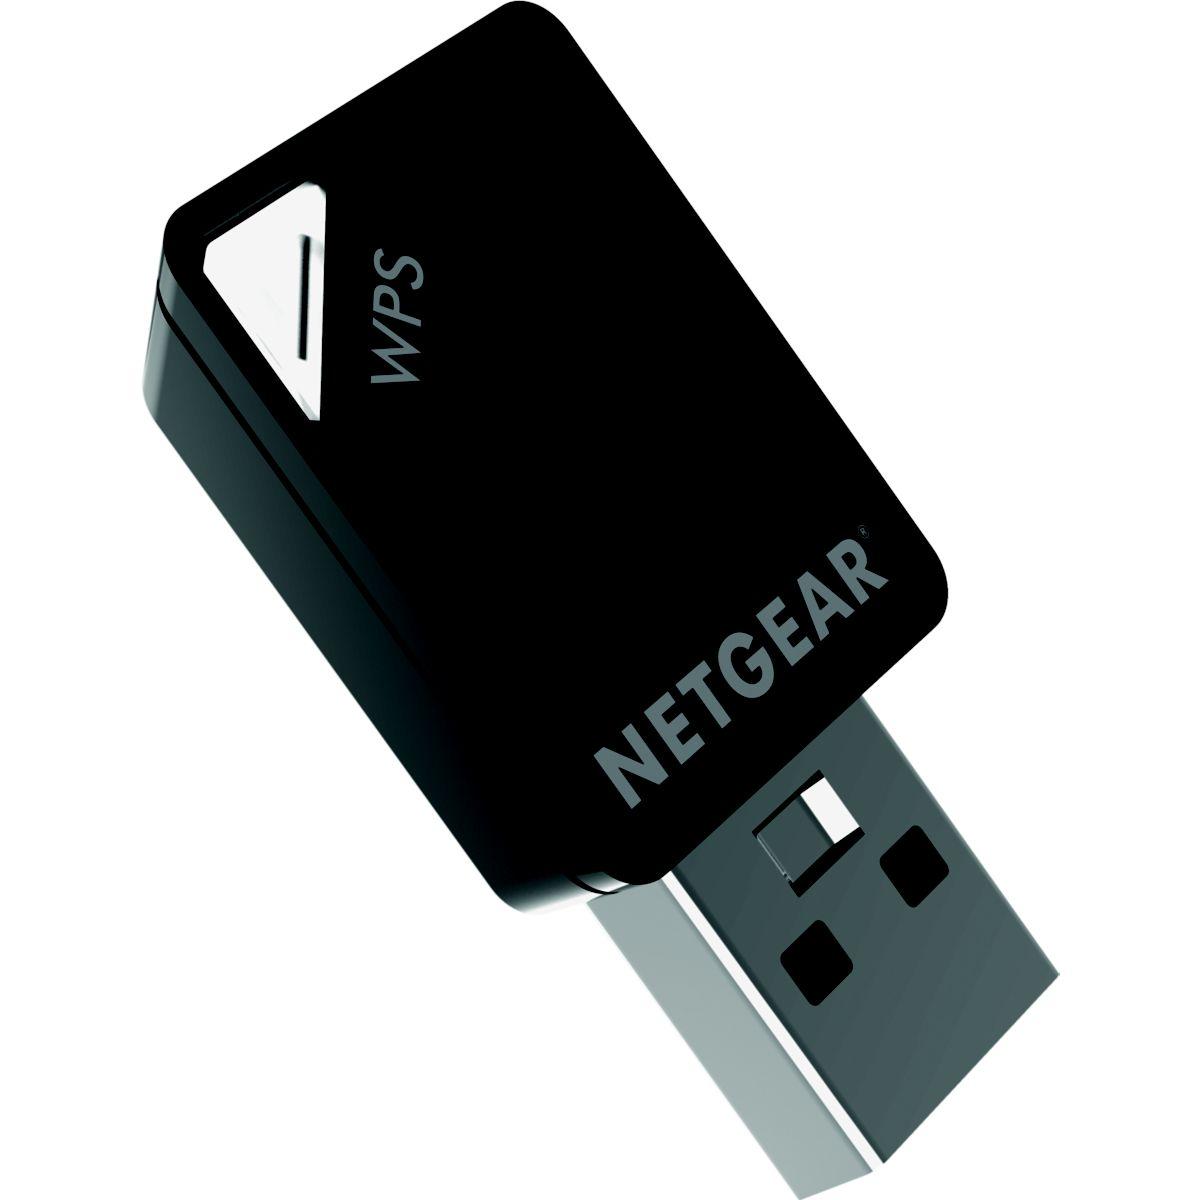 Adaptateur réseau netgear wifi a6100 802.11ac ac600 - produit coup de coeur webdistrib.com !